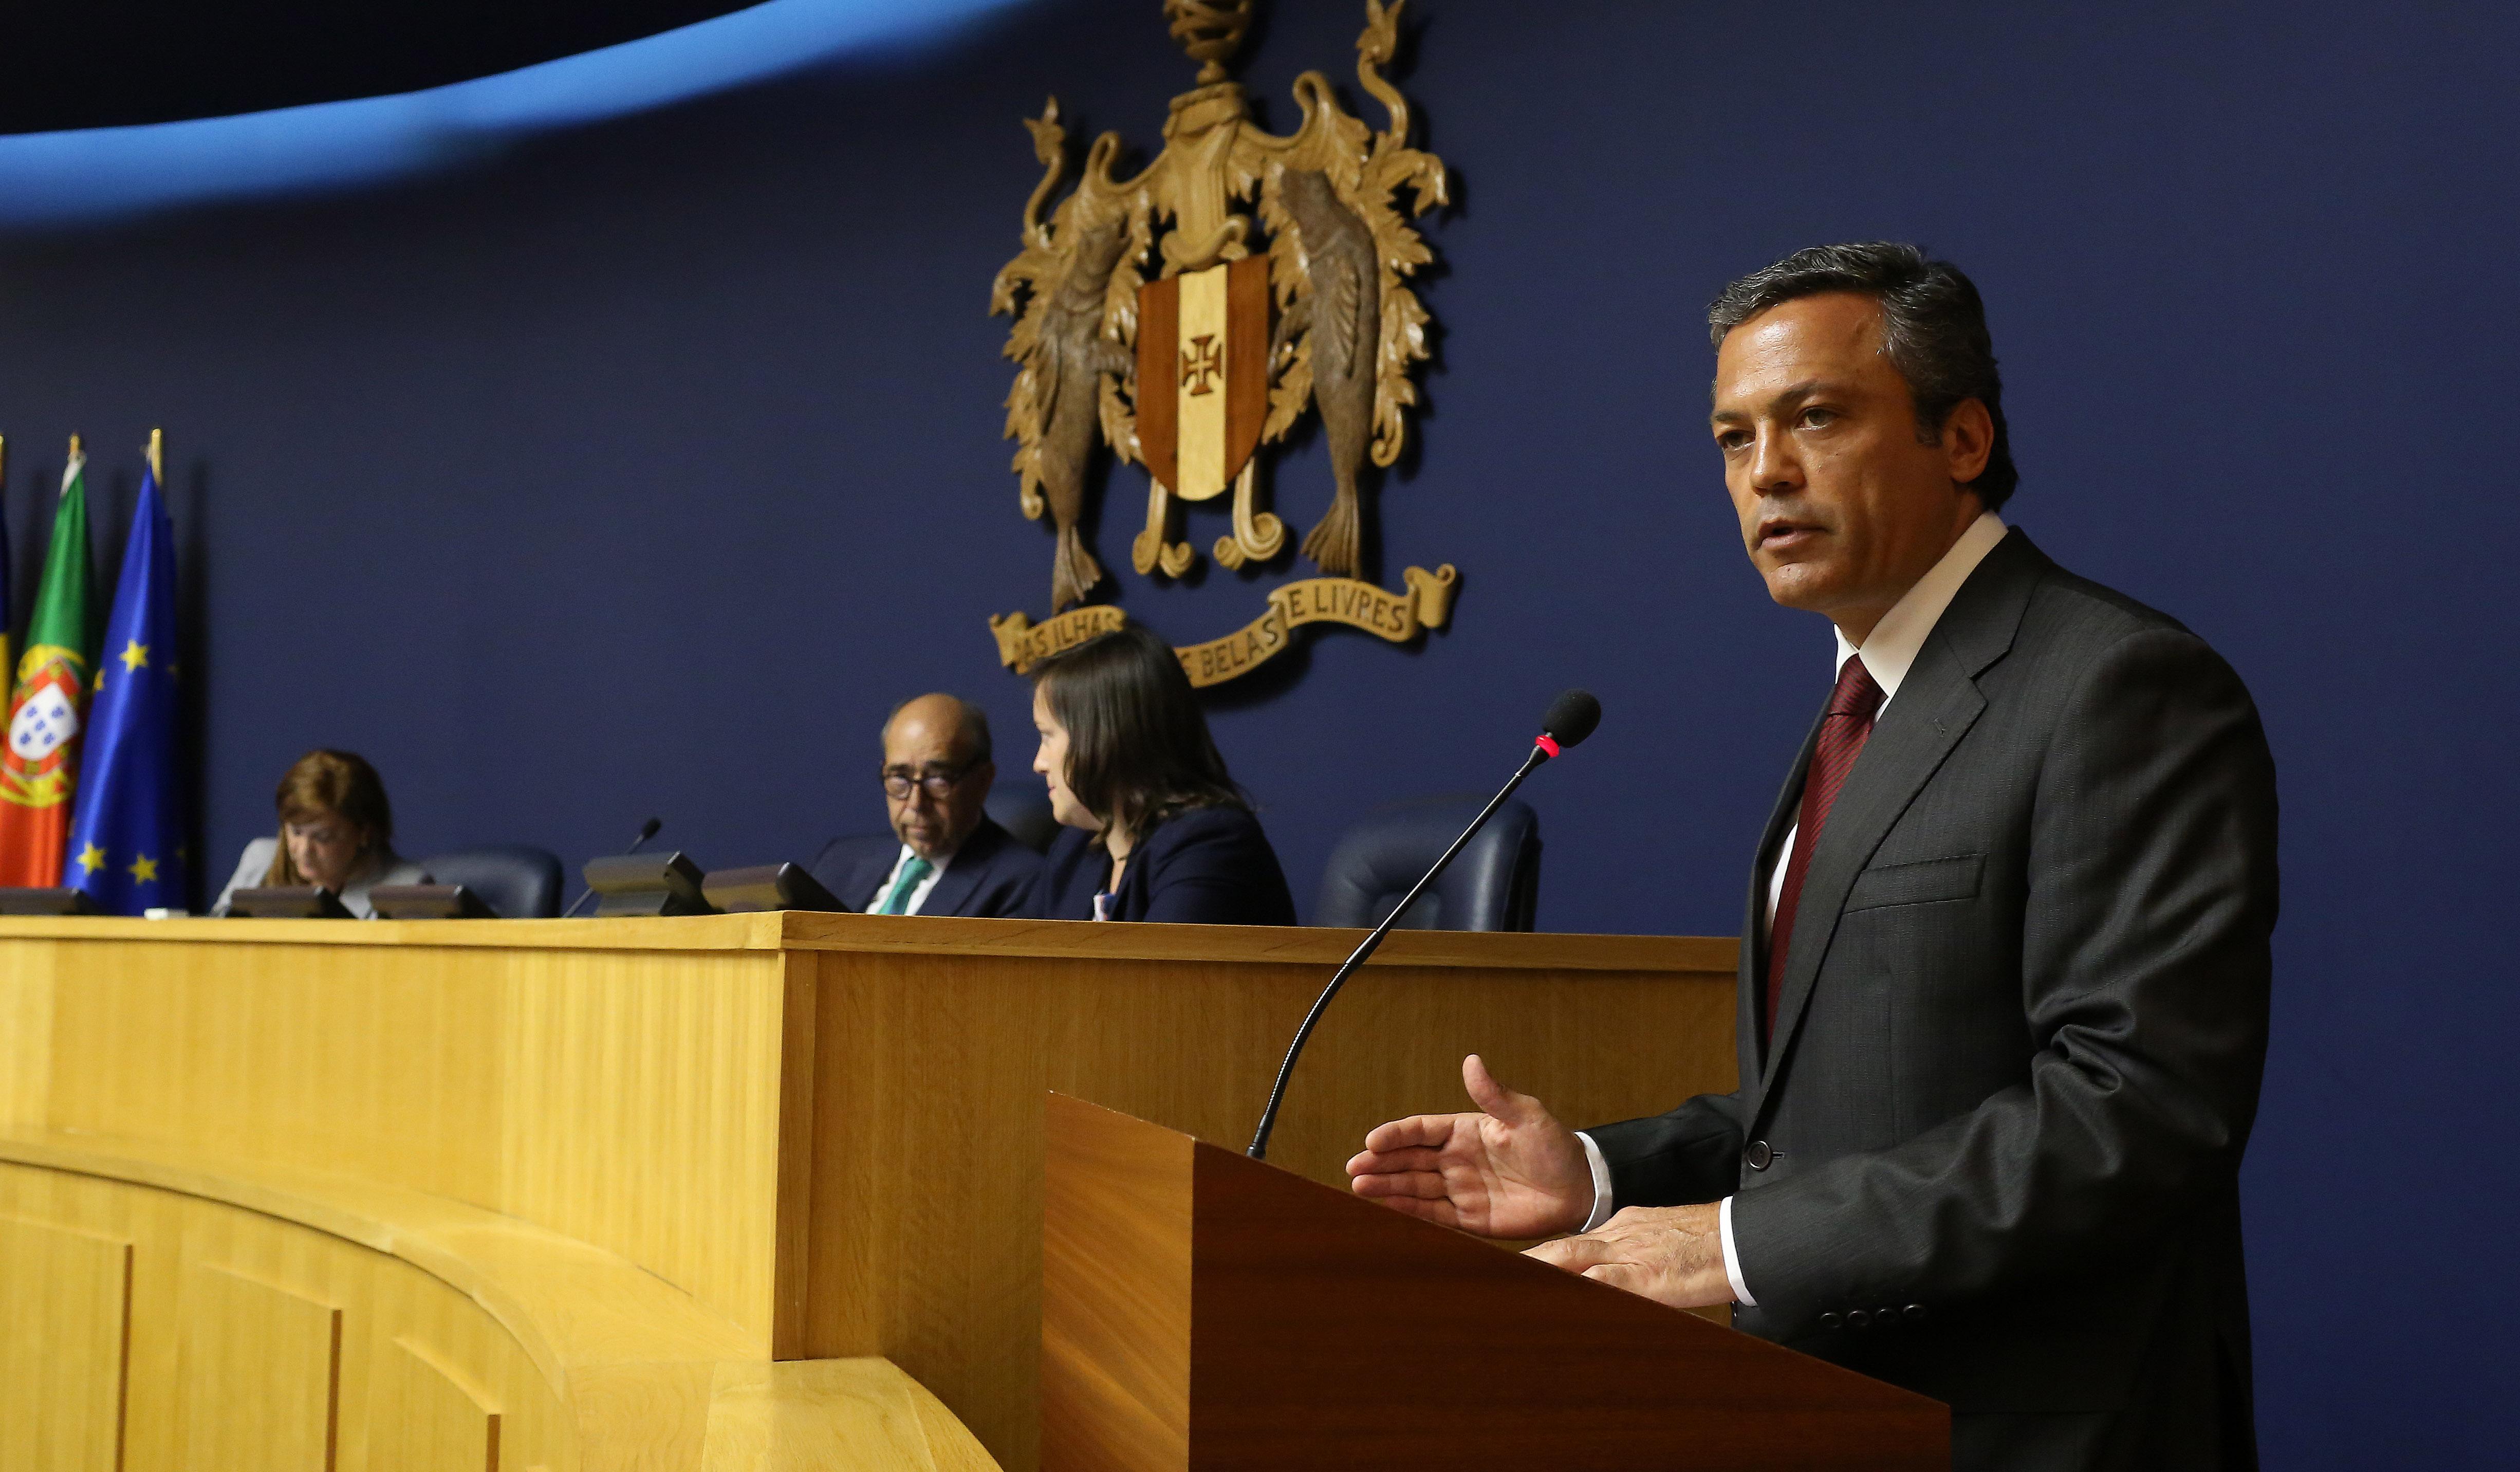 Governo Regional combate a precariedade e promove a dignidade no emprego